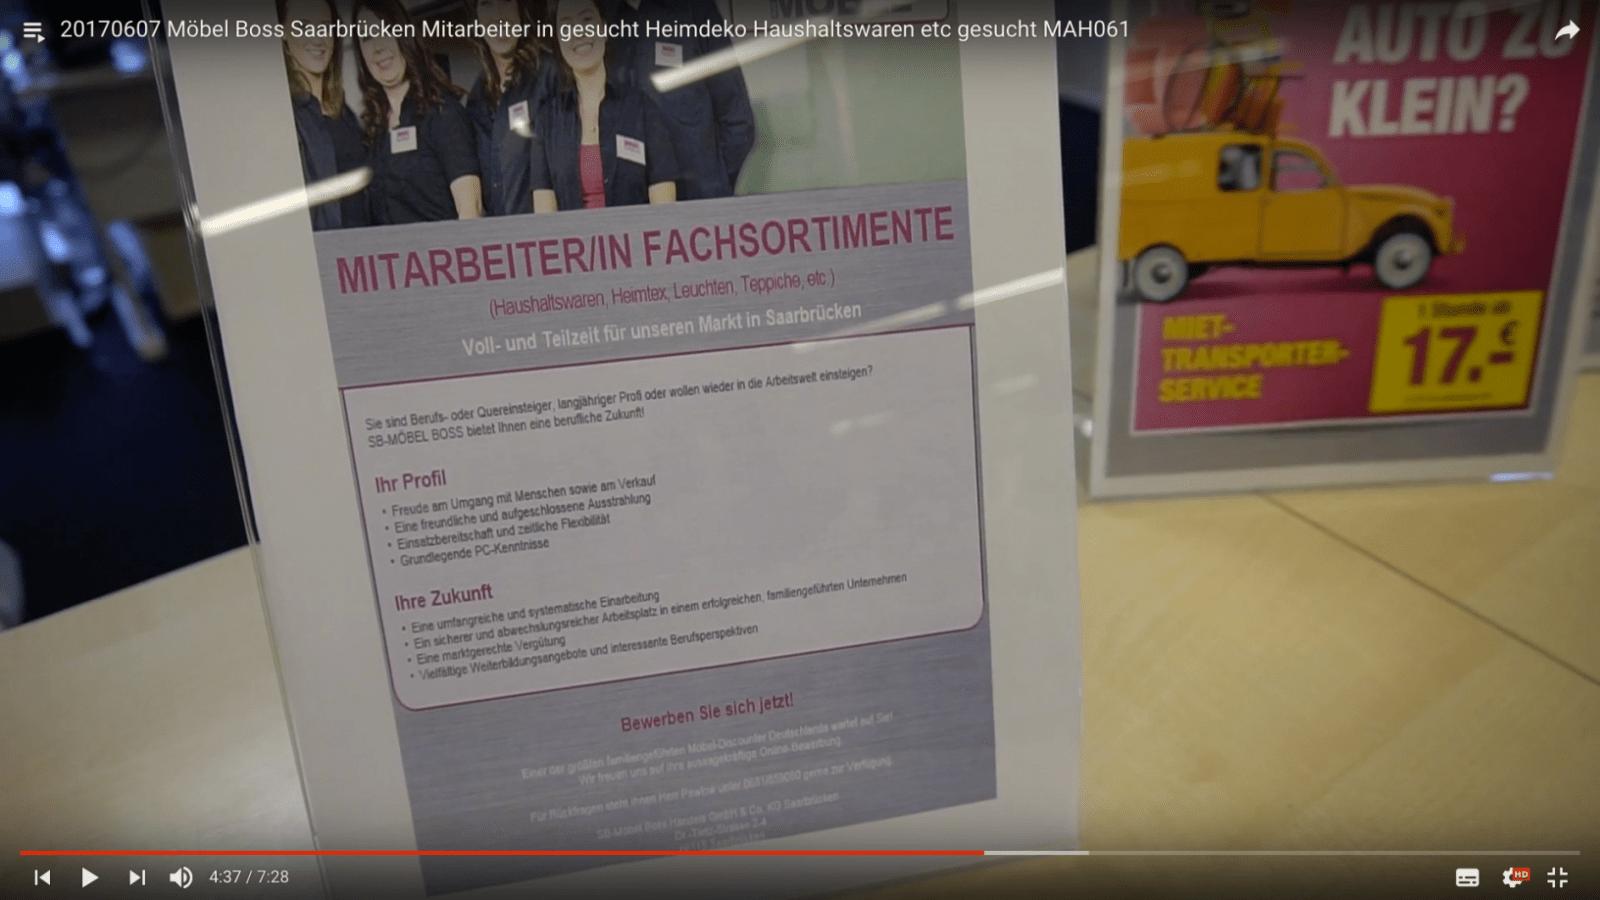 20170607 Möbel Boss Saarbrücken Mitarbeiter In Gesucht Heimdeko von Sb Möbel Boss Saarbrücken Bild